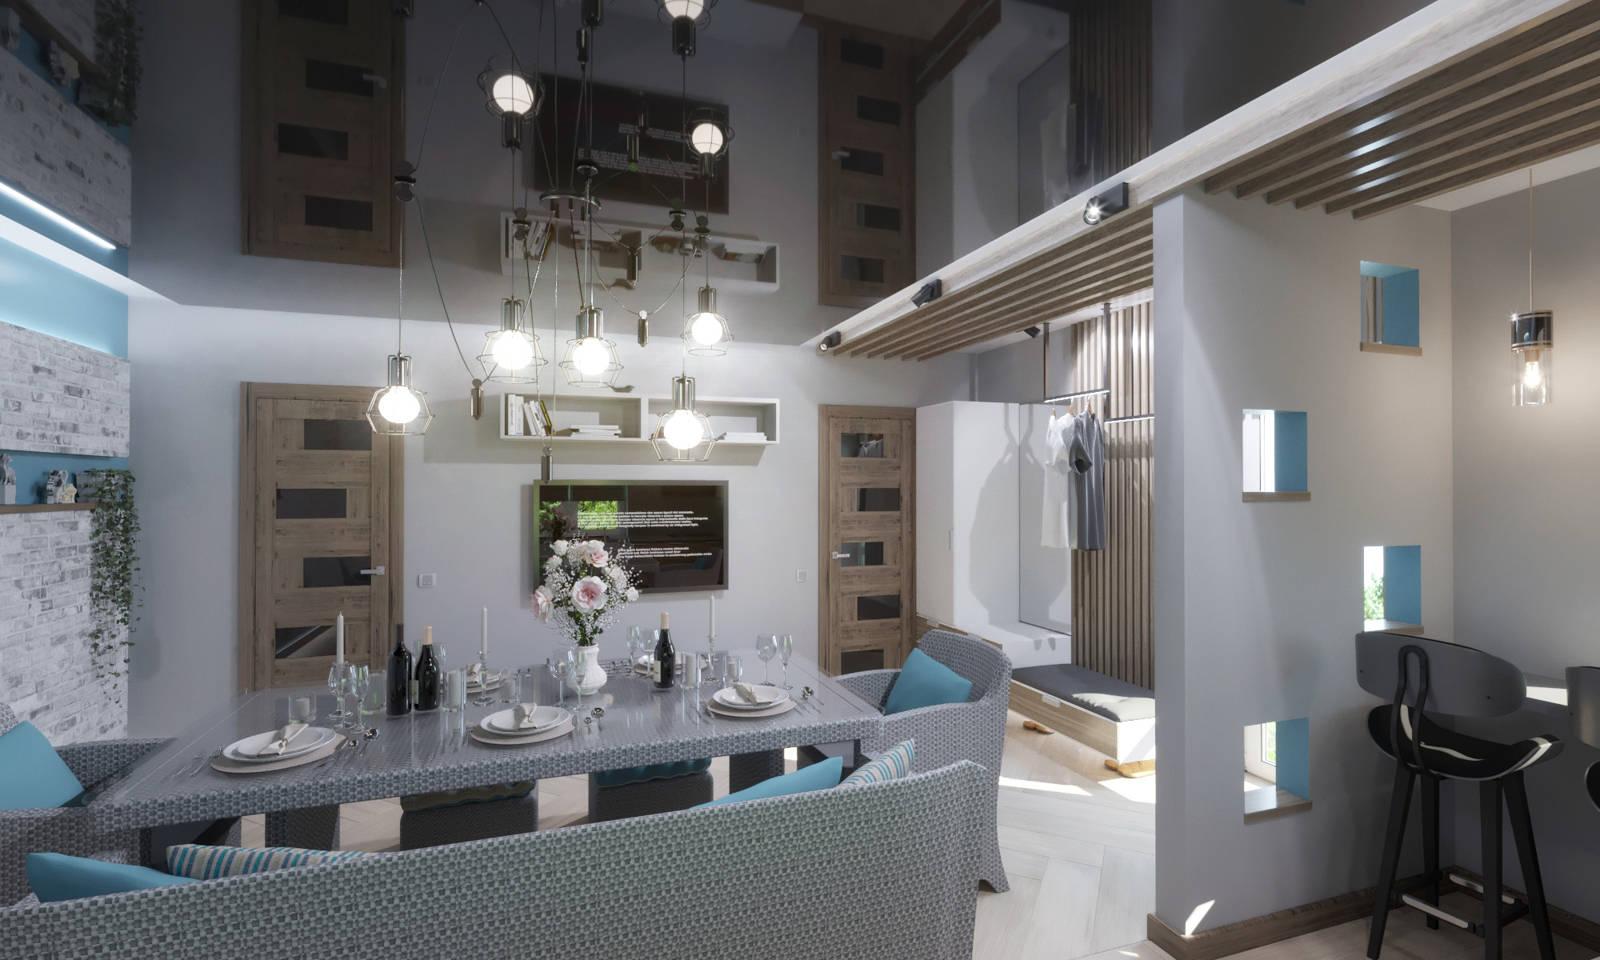 Дизайн нтерьера гостинной в сканинавском стиле, модерн Киев